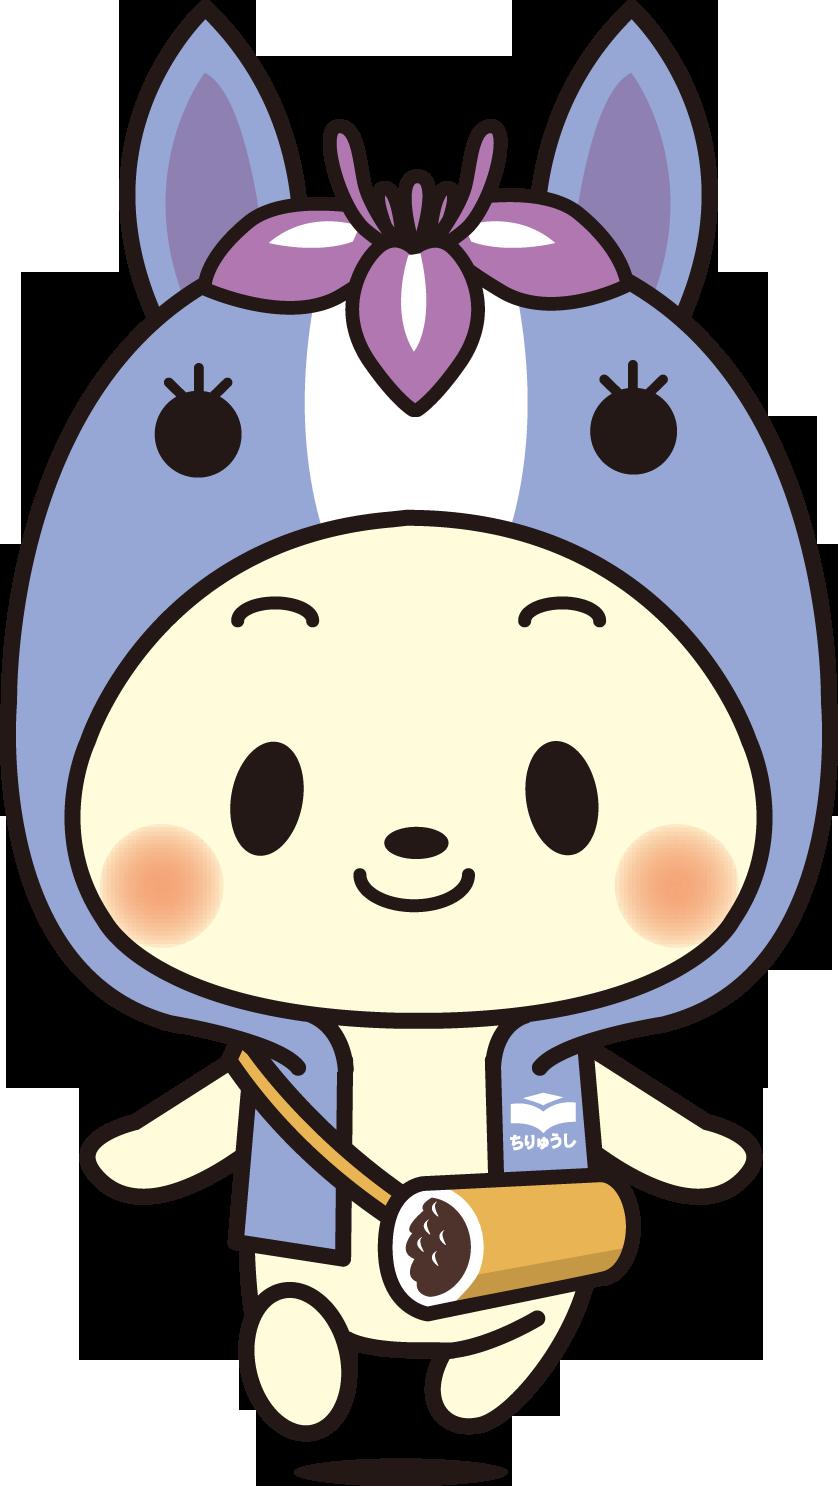 ゆるキャラグランプリ2015~愛知県のキャラもがんばったよ!